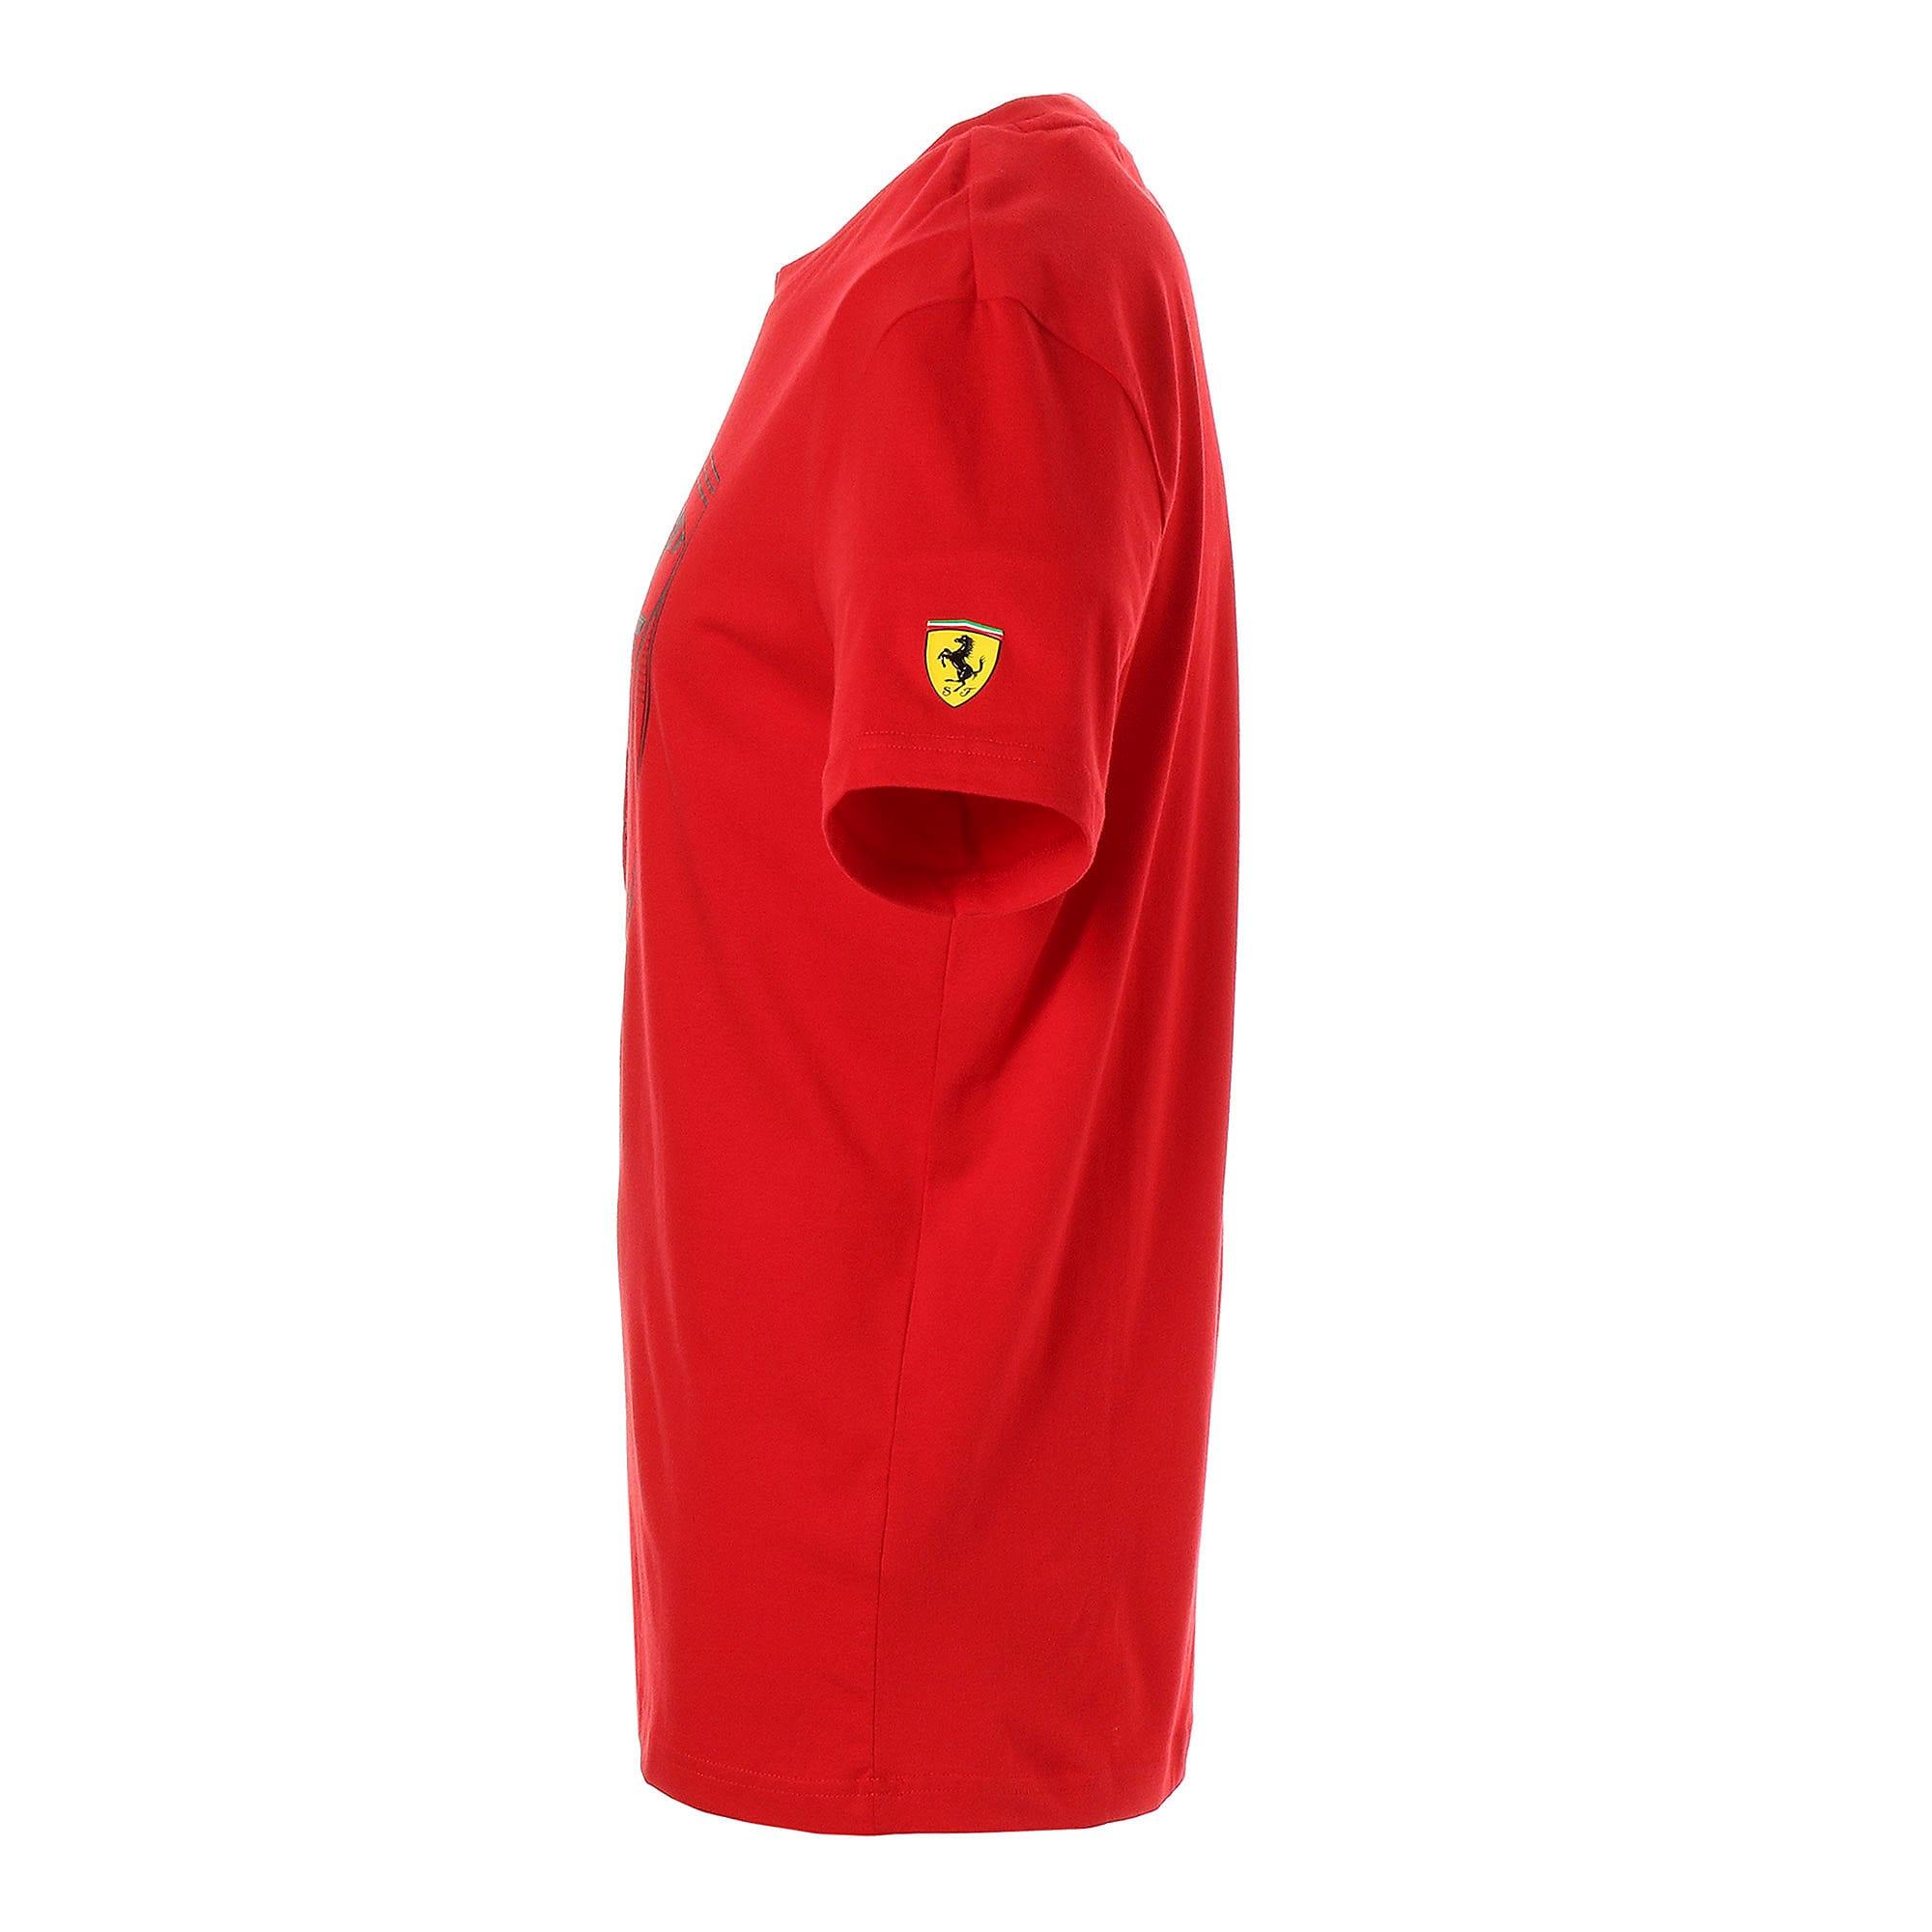 Thumbnail 2 of フェラーリ ビッグシールド Tシャツ + 半袖, Rosso Corsa, medium-JPN